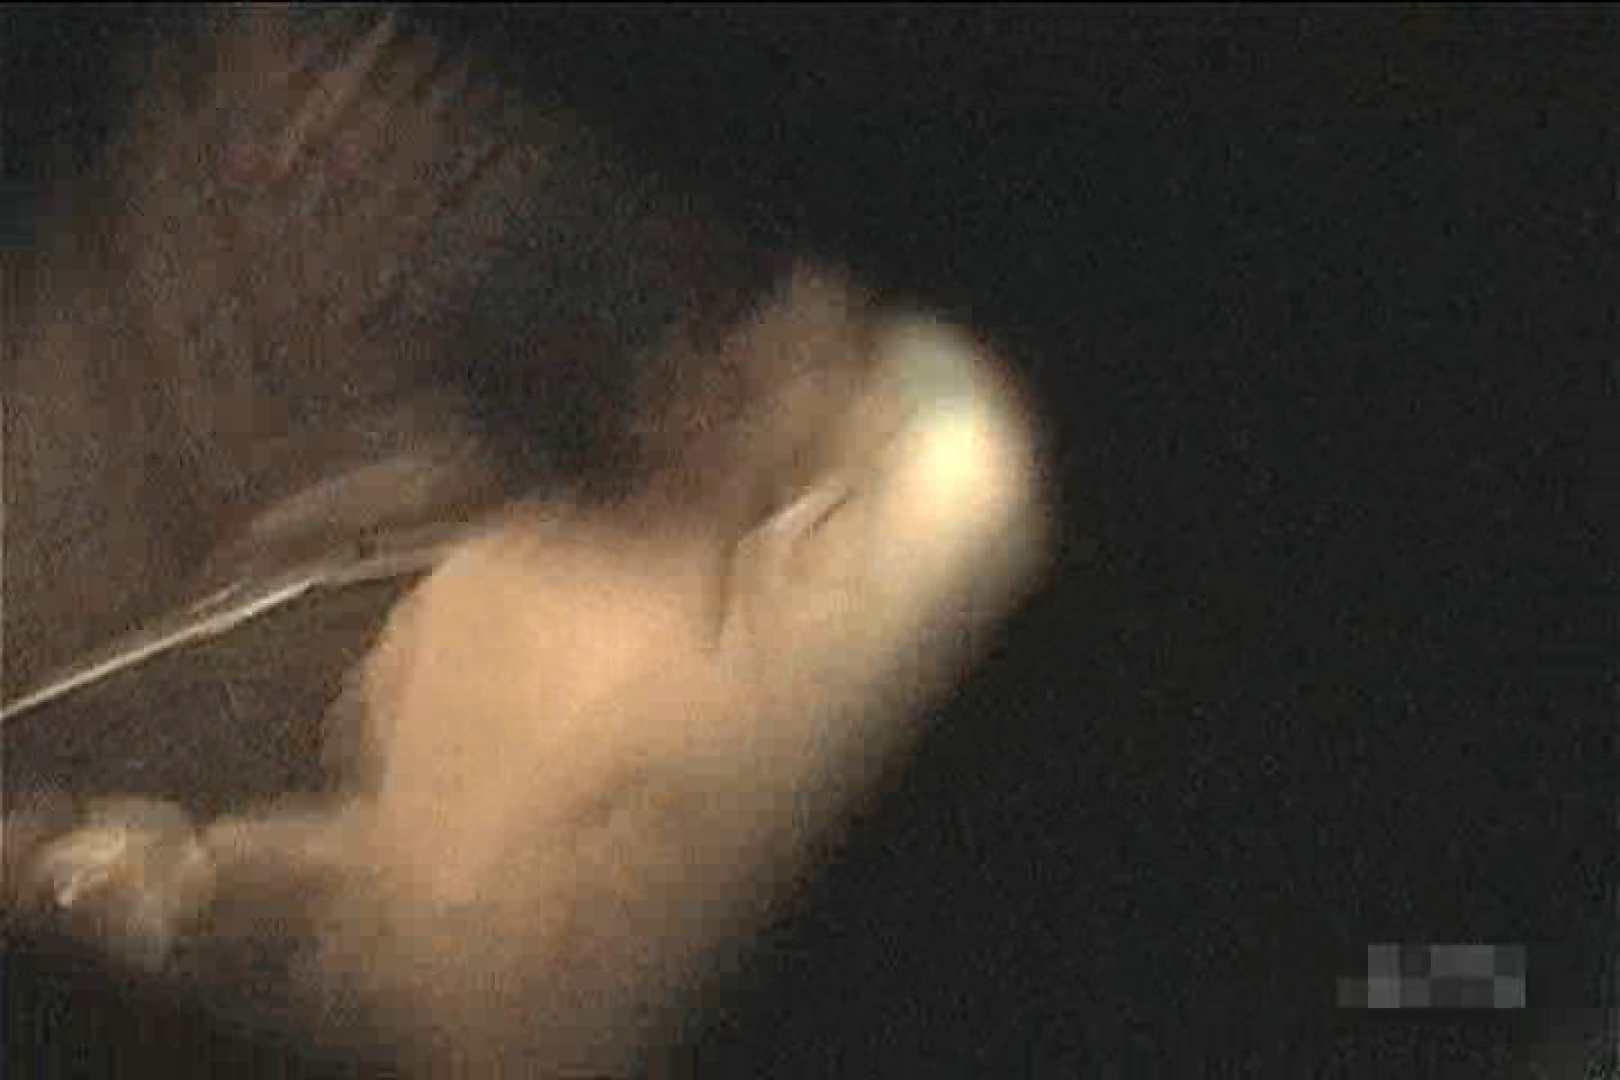 激撮ストーカー記録あなたのお宅拝見しますVol.8 オナニーDEエッチ 濡れ場動画紹介 83PIX 19